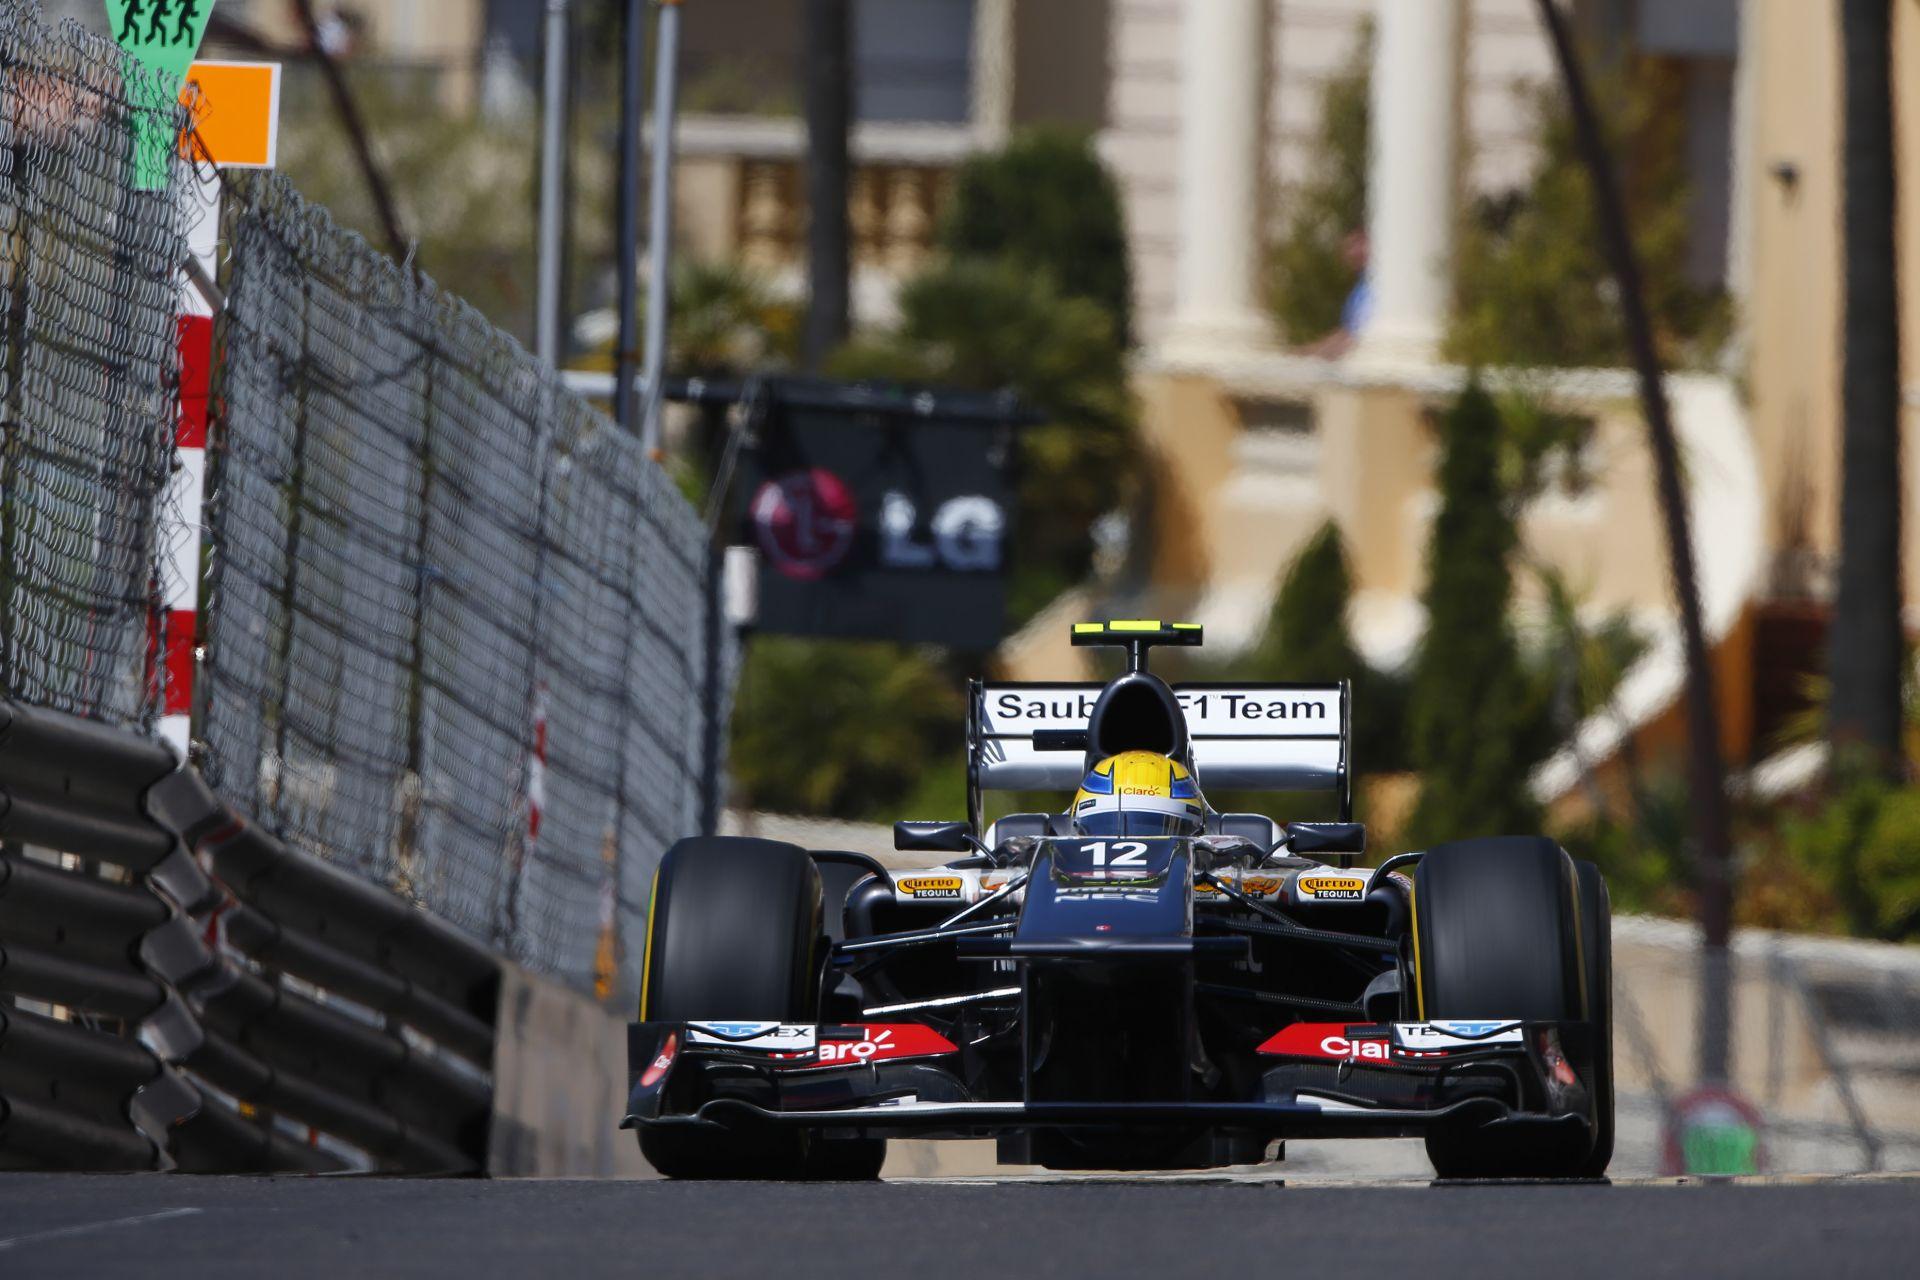 Monacóban nem hibázhatsz, mert ott a fal, centiméterekre tőled